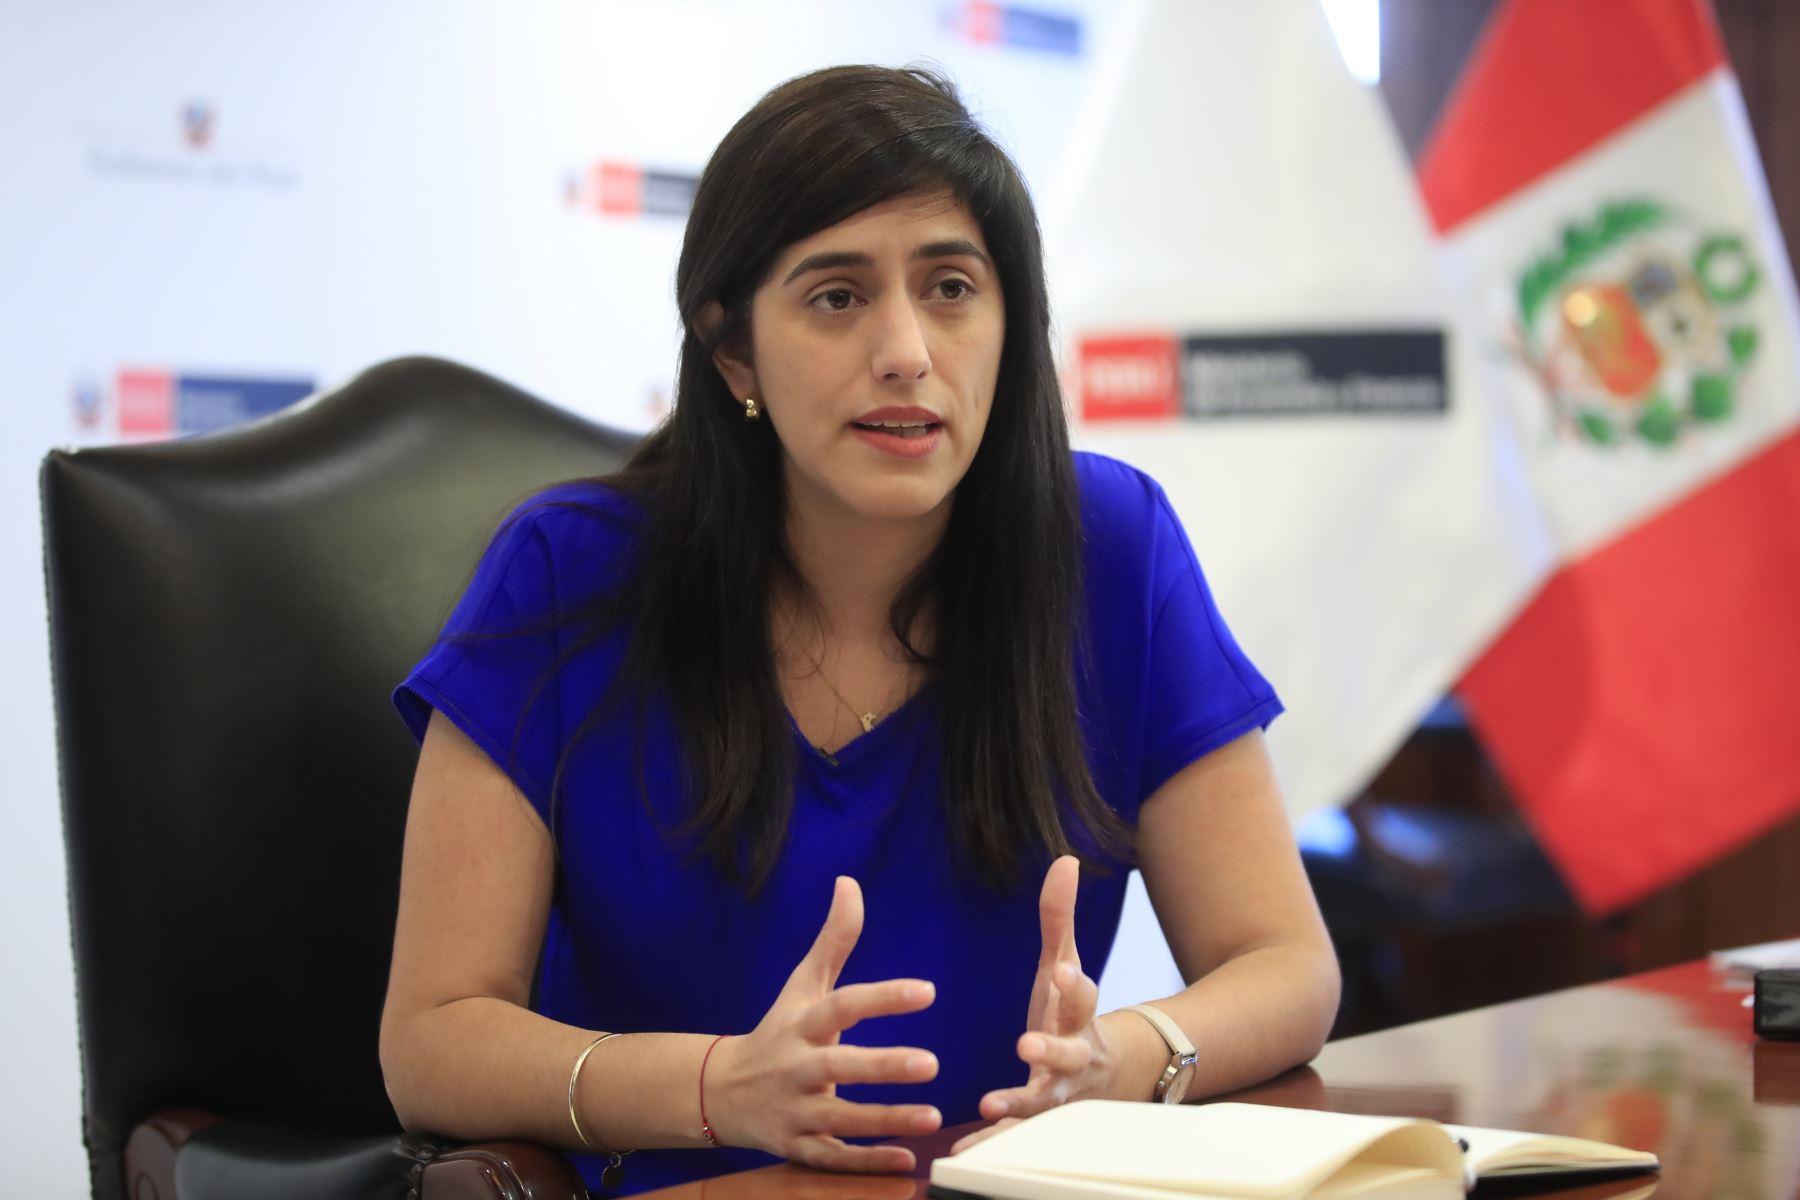 Ministra de Economía y Finanzas, María Antonieta Alva. Foto: ANDINA/Juan Carlos Guzmán.